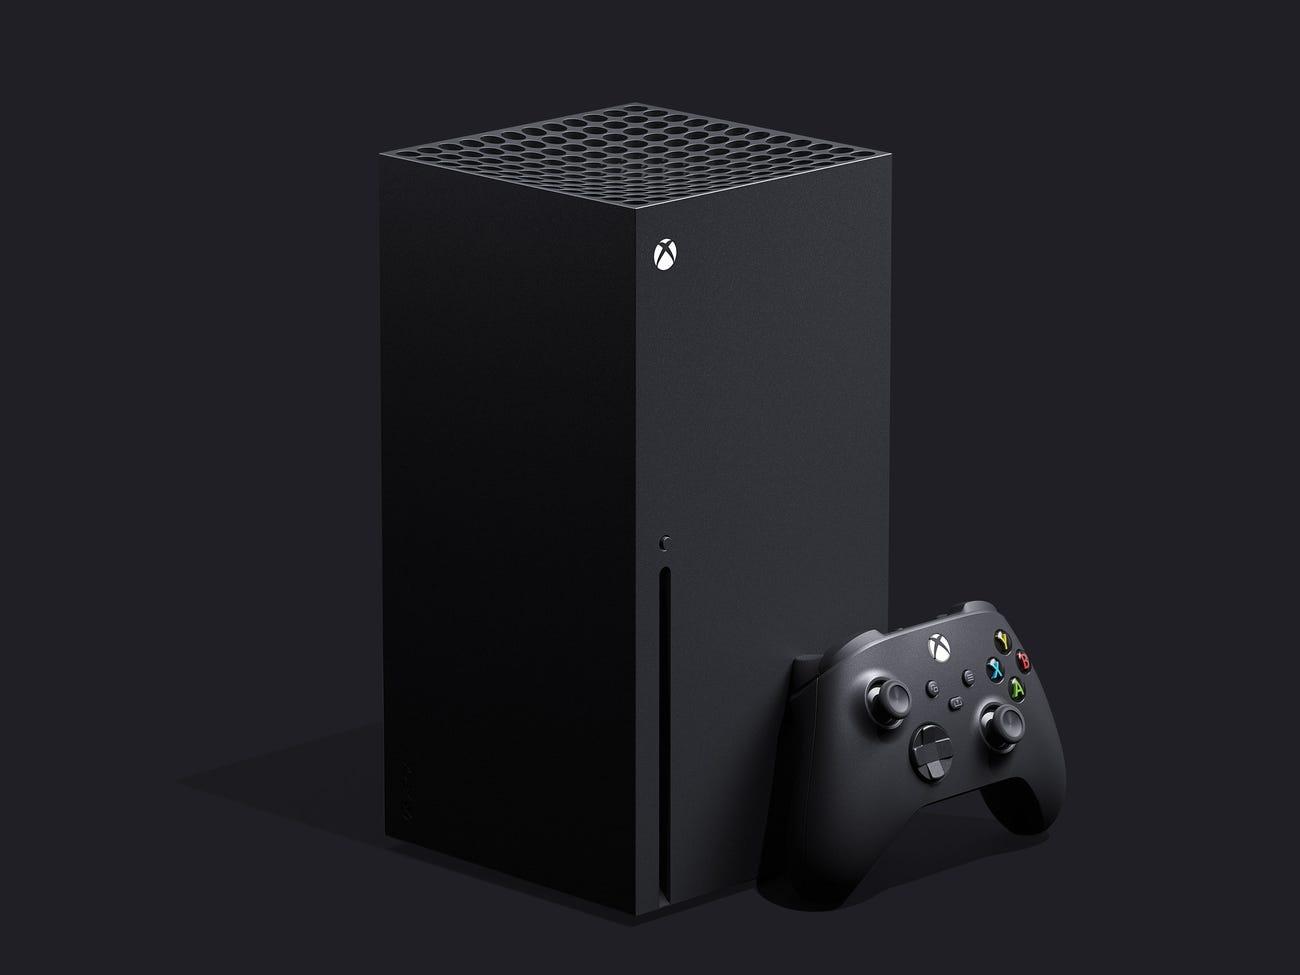 Геймеры в этом году могут остаться без Sony PS5 и новой Xbox. Из-за коронавируса